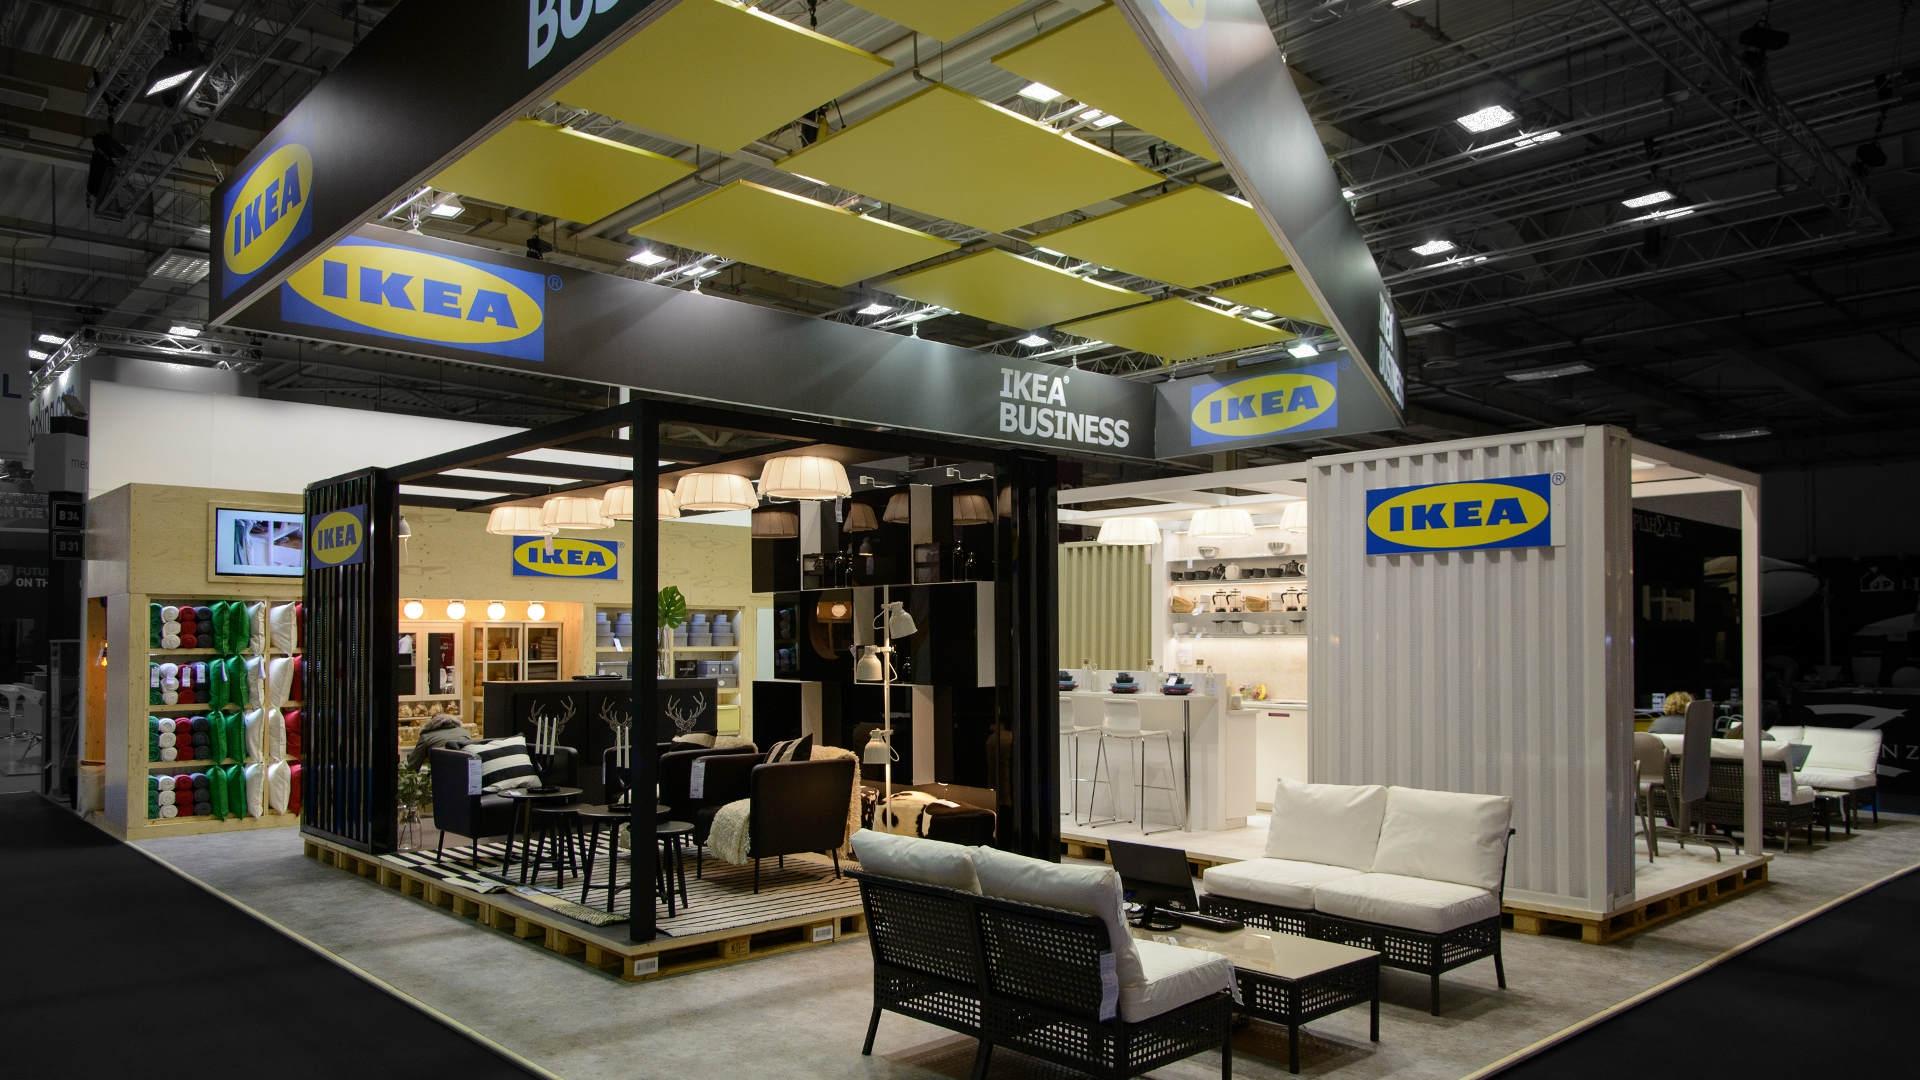 IKEA-HORECA-ATHENS